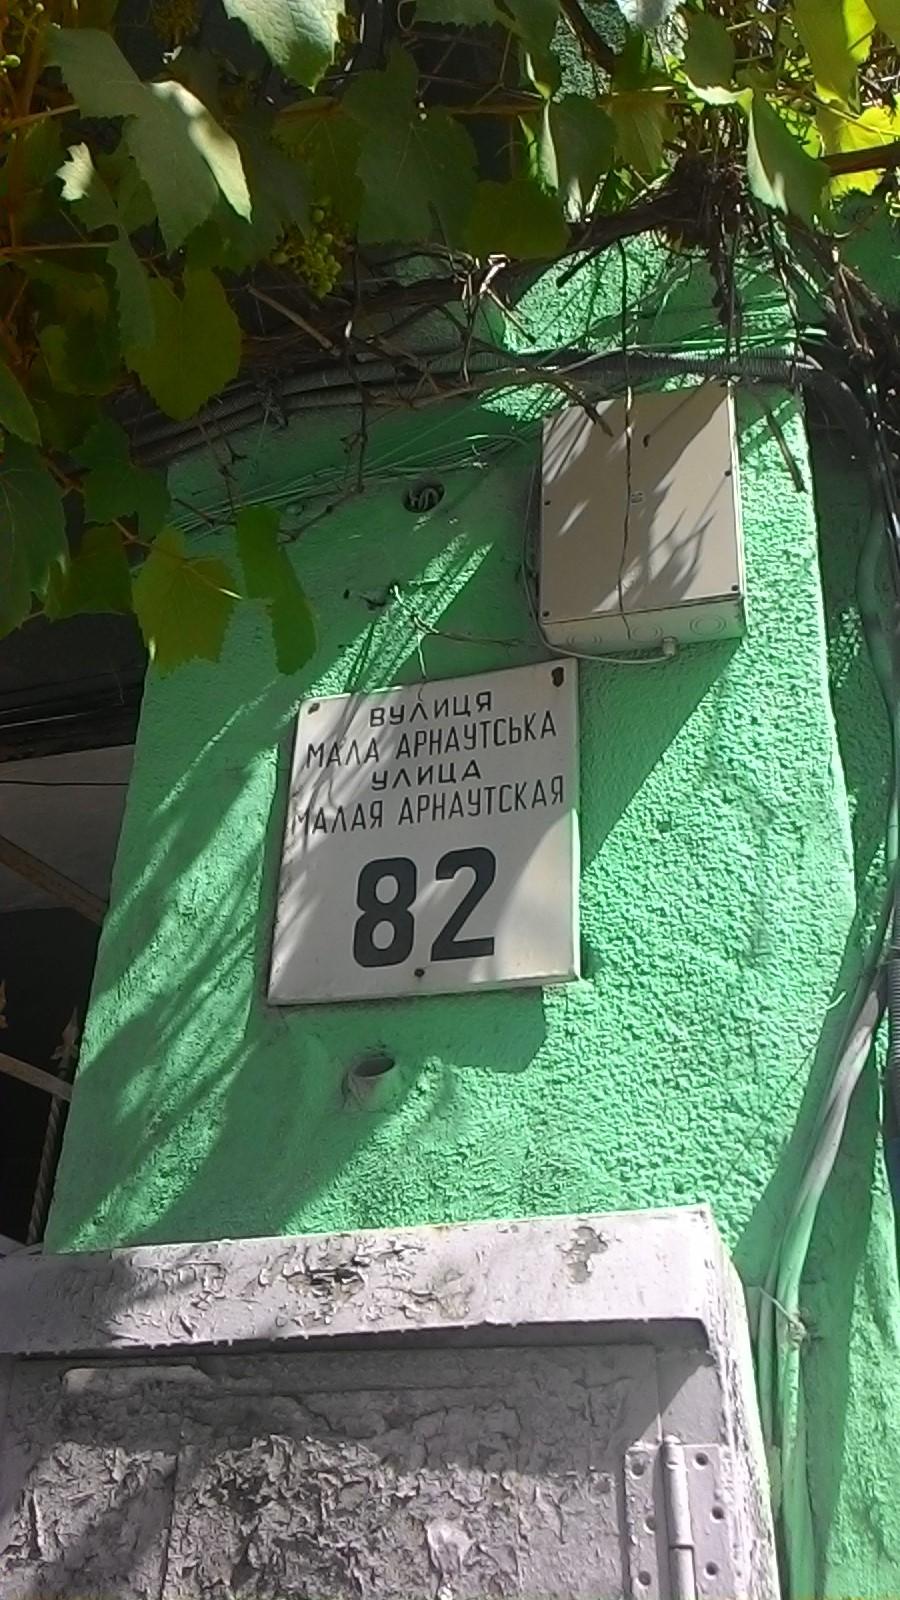 Майнові права на нерухоме майно та основний засіб, а саме: Майнові права на однокімнатну квартиру*, загальною площею 43,80 кв.м, що знаходиться за адресою: Одеська обл., м. Одеса, вулиця Мала Арнаутська, будинок 82, кв. 29. Реєстраційний № 851687451101, інв. № 3081058 та Основний засіб** (зчитувач банк.карт KZ-1121з магнит. смужкою інв. № 502324777137), що розташований за адресою: м. Київ, вулиця Довженко,3 (склад). *Згідно довідки від 27.09.2016р. зареєстровані особи в т.ч. неповнолітня дитина 2012 р.н. Відповідачами оскаржено рішення суду, на підставі якого Банк набув право власності. Рішенням суду 15.03.2019р. -  скасовано право власності банку. Рішенням апеляційного суду банку відмовлено в задоволенні апеляційної скарги. Банком подано позовну заяву про примусове виселення та зняття з реєстрації. Судове засідання призначено на квітень 2021 р. **Банк має право змінювати адресу місцезнаходження ТМЦ.